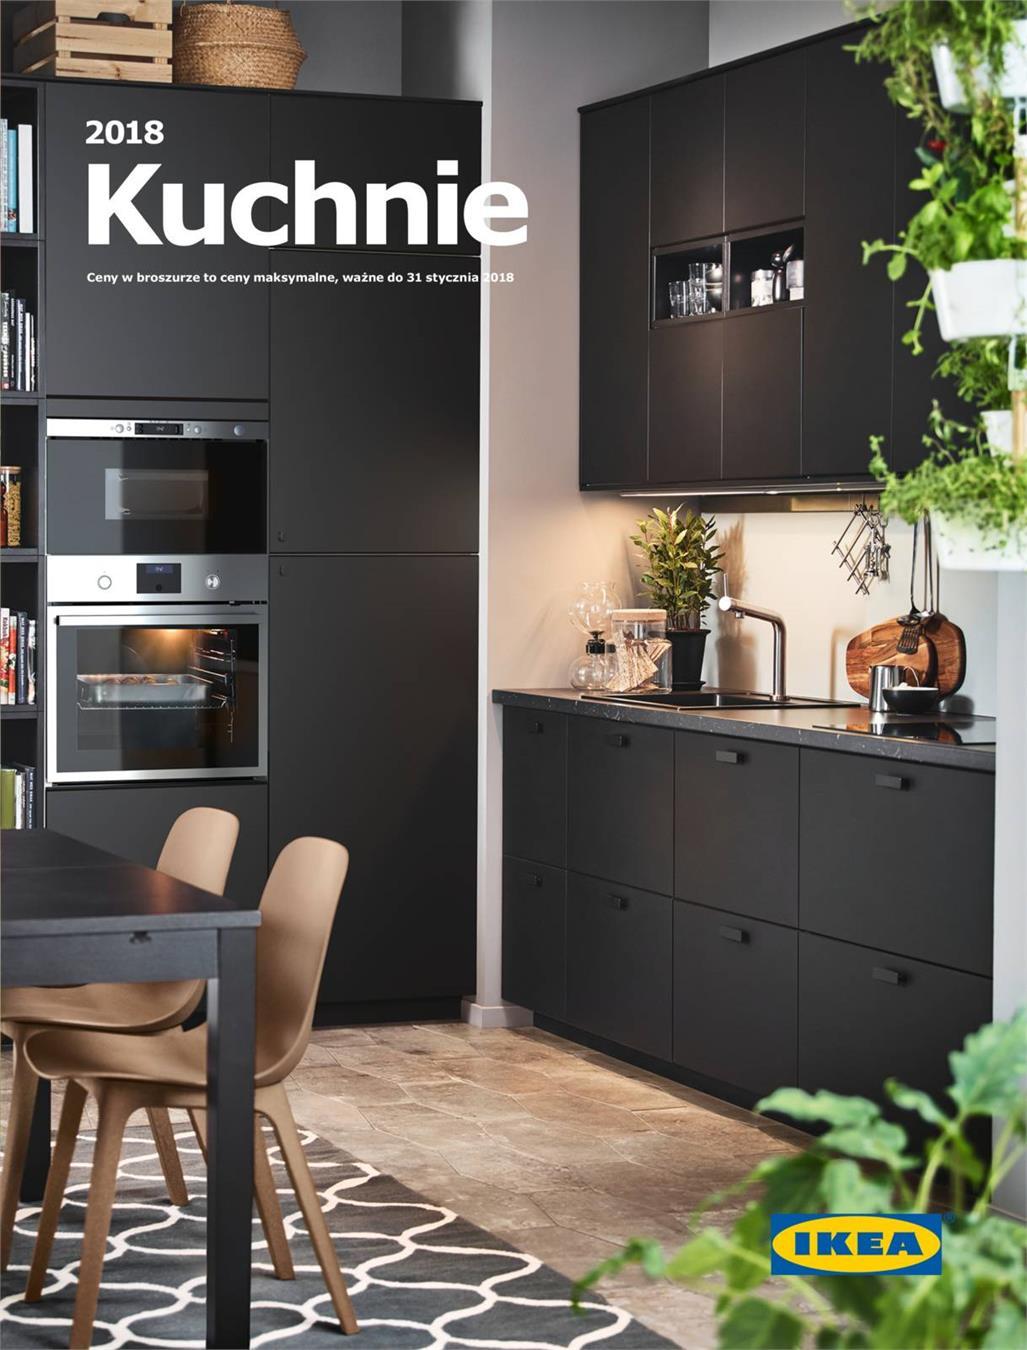 Gazetka Promocyjna Ikeacom Pl Katalog Kuchnie 2018